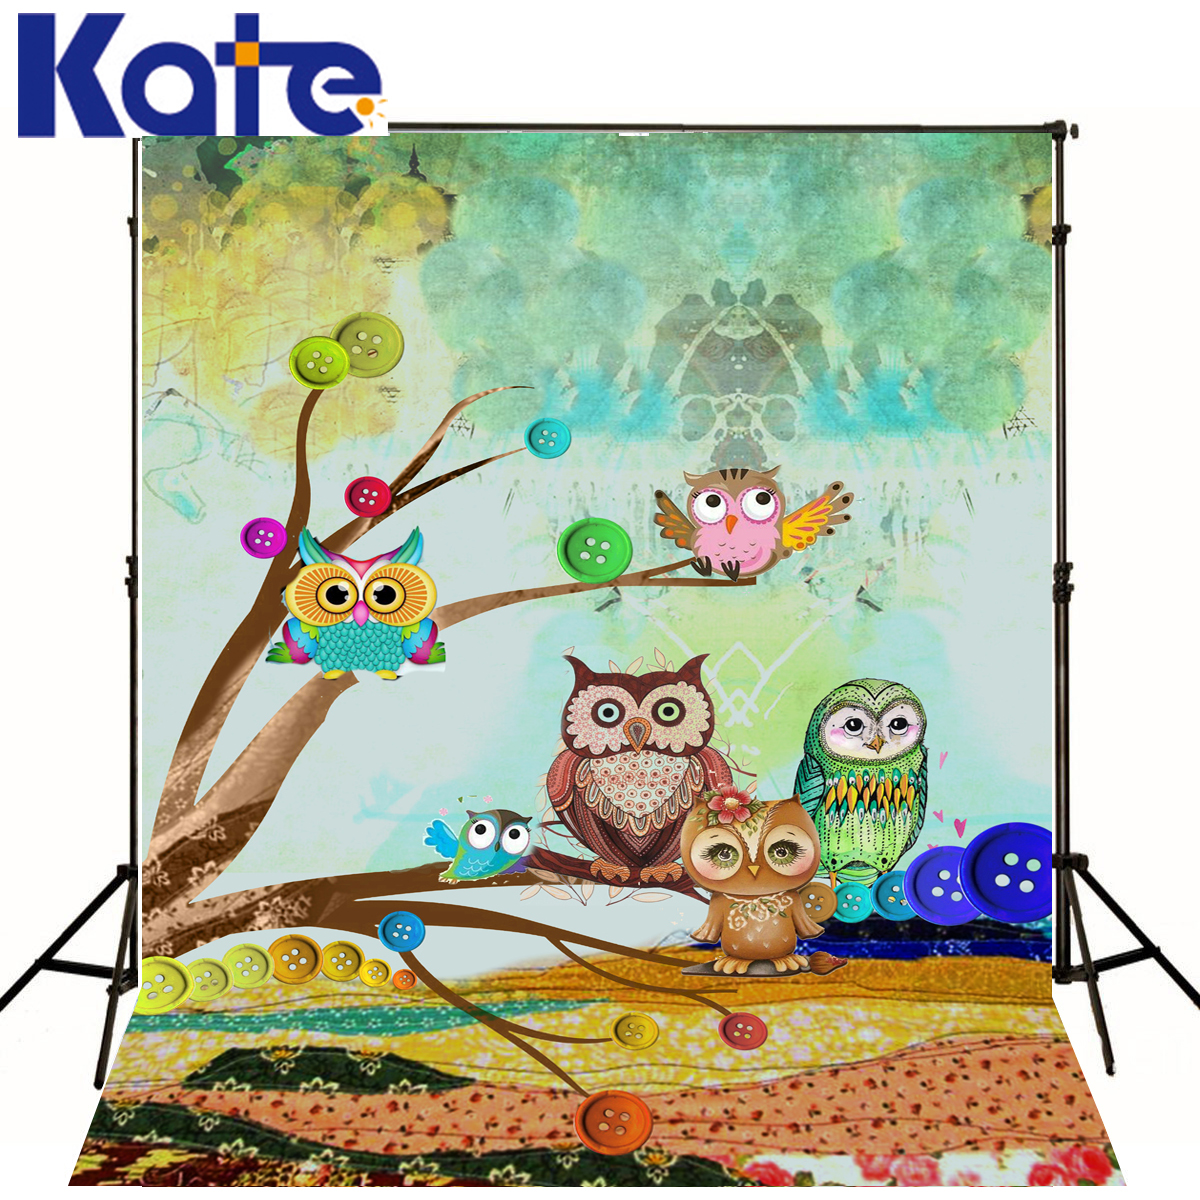 Kate bébé photographie décors hibou bouton arbre Photocall peinture couleur arrière-plans Fotografia pour Studio Photo J01686